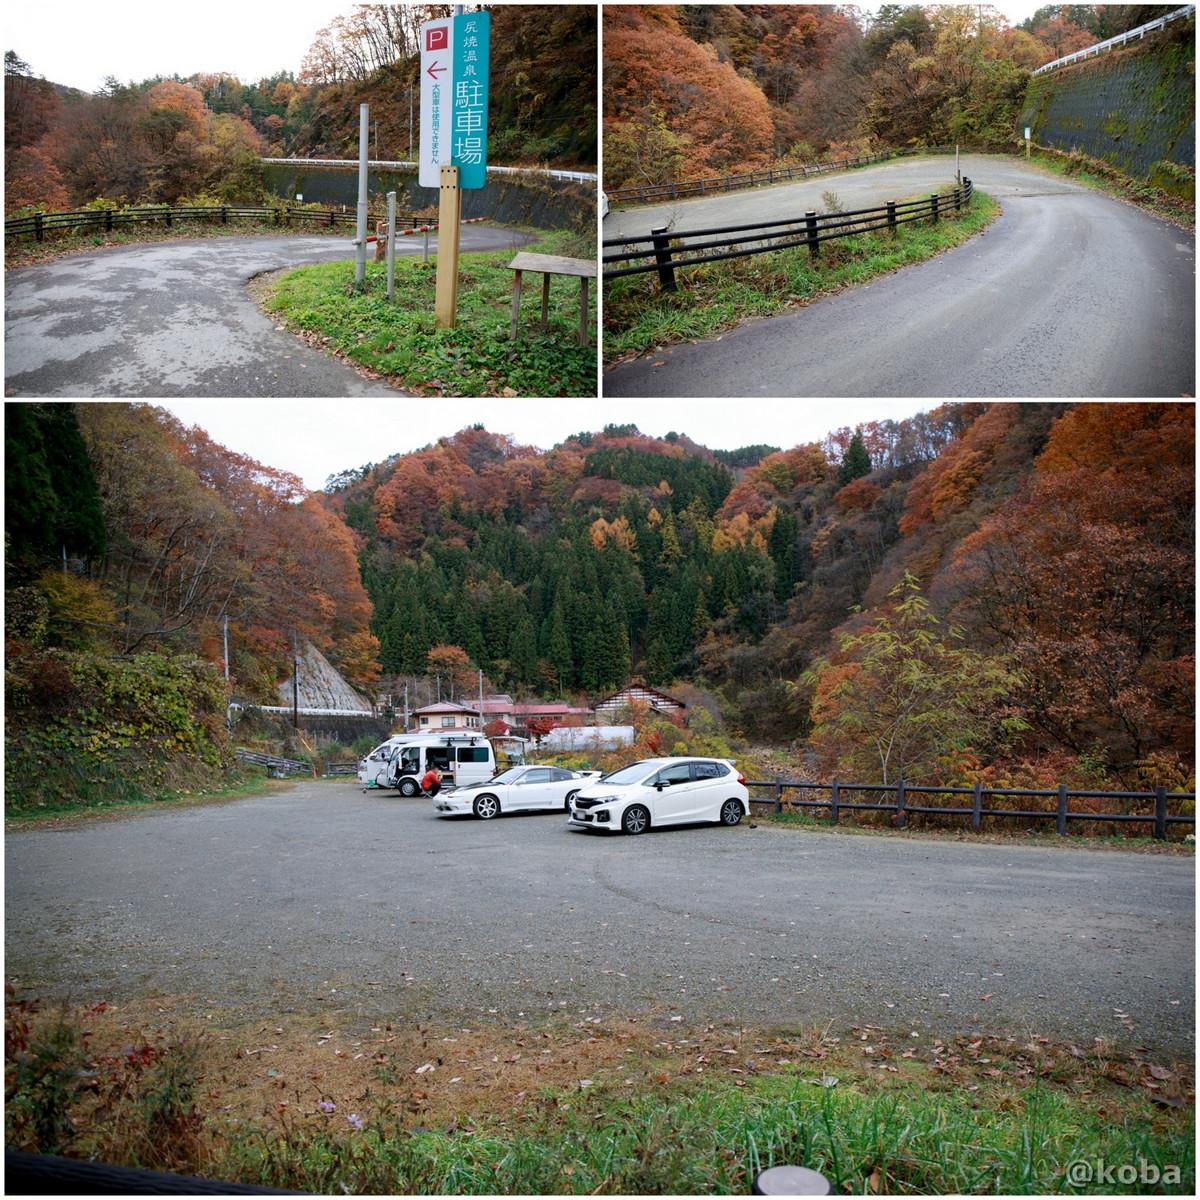 無料駐車場の写真│尻焼温泉(しりやきおんせん)川の湯 日帰り入浴│群馬県 ブログ